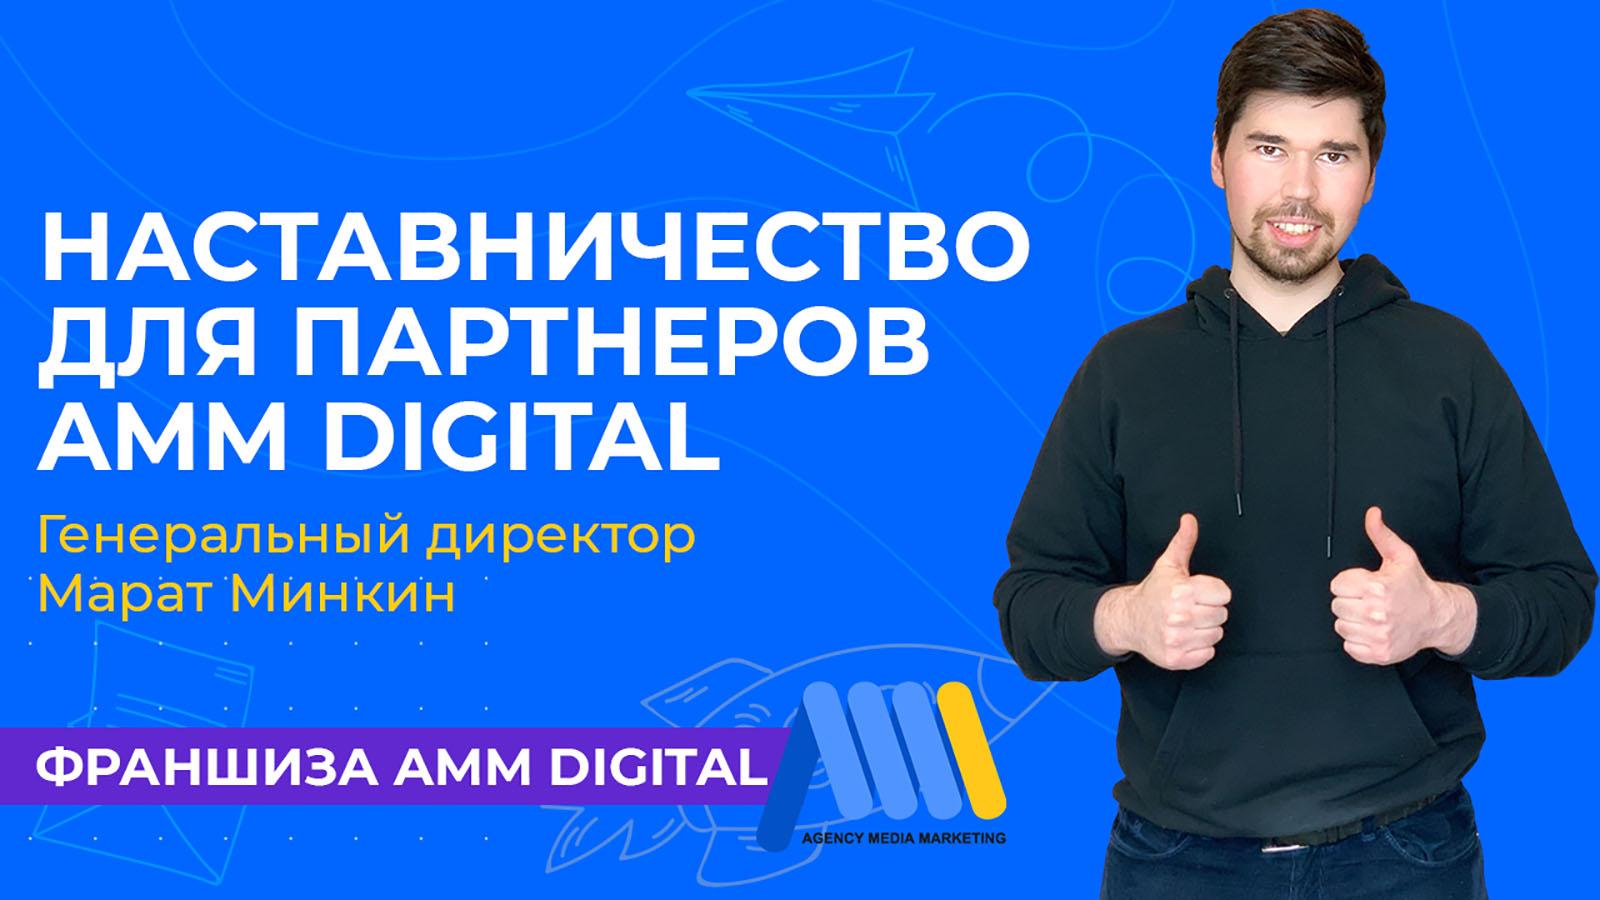 Франшиза Digital-агентства AMM DIGITAL - франшиза маркетингового агентства